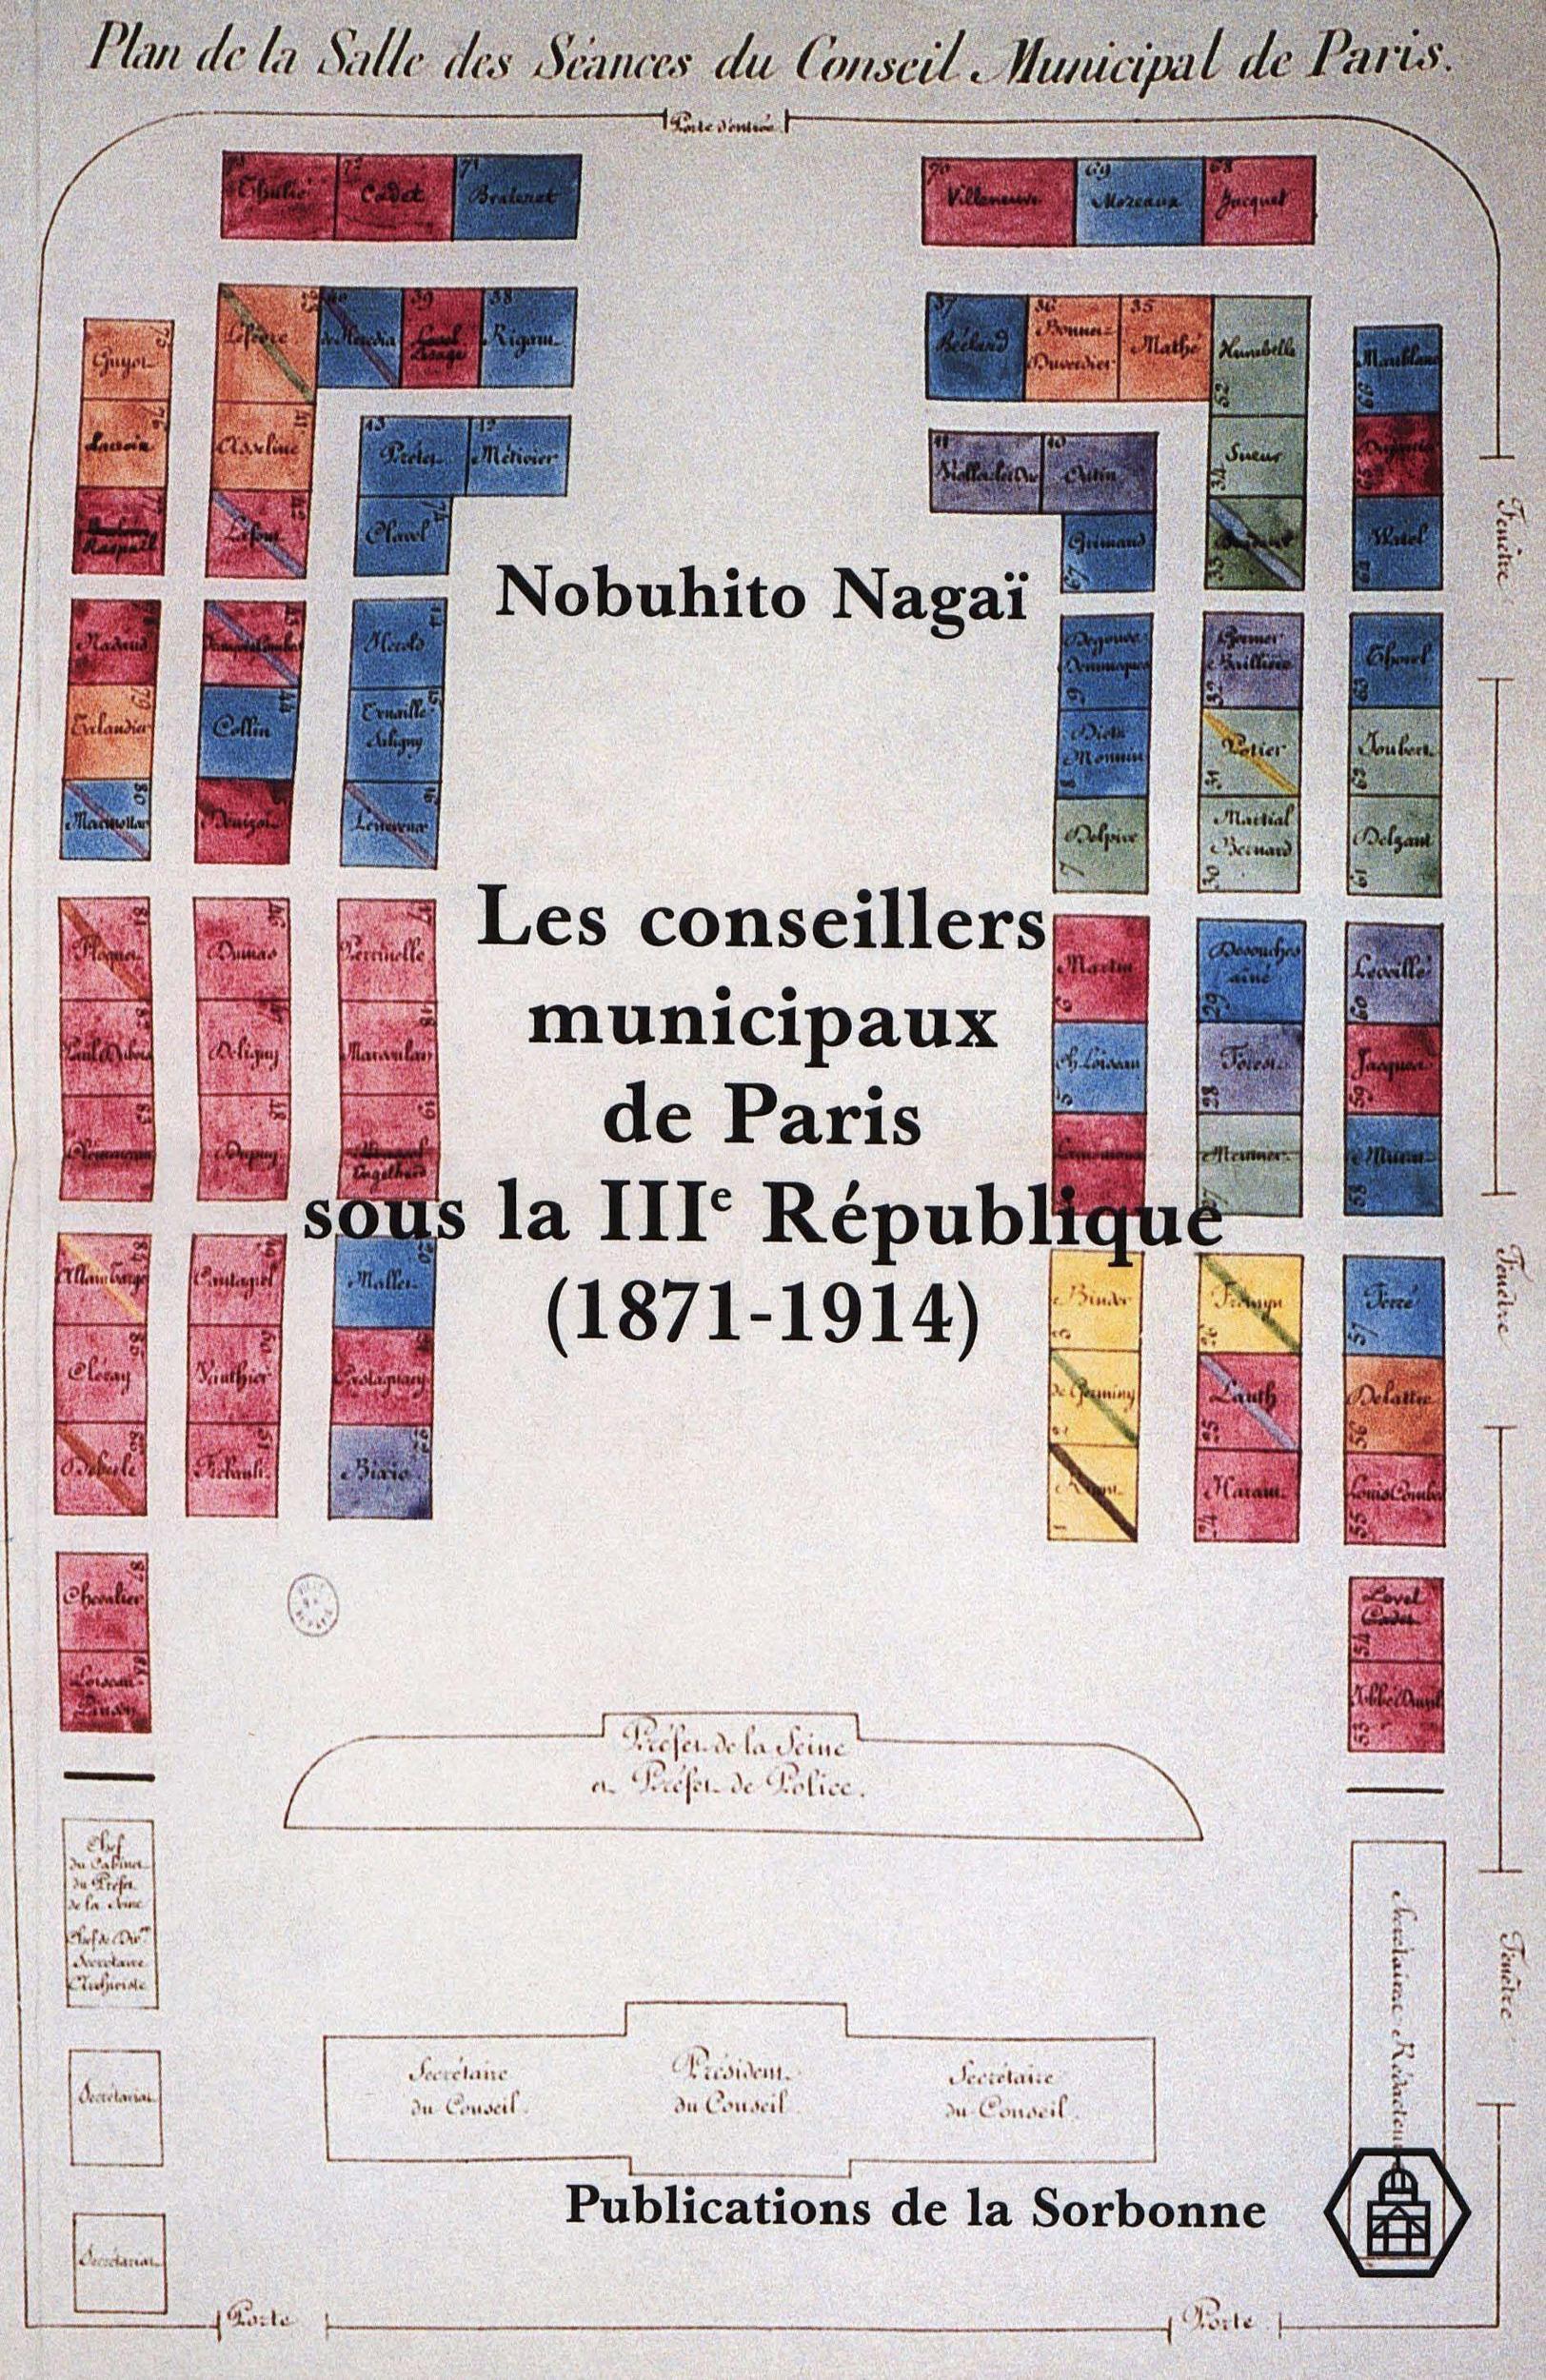 les conseillers municipaux de paris sous la troisieme republique (1871-1914)